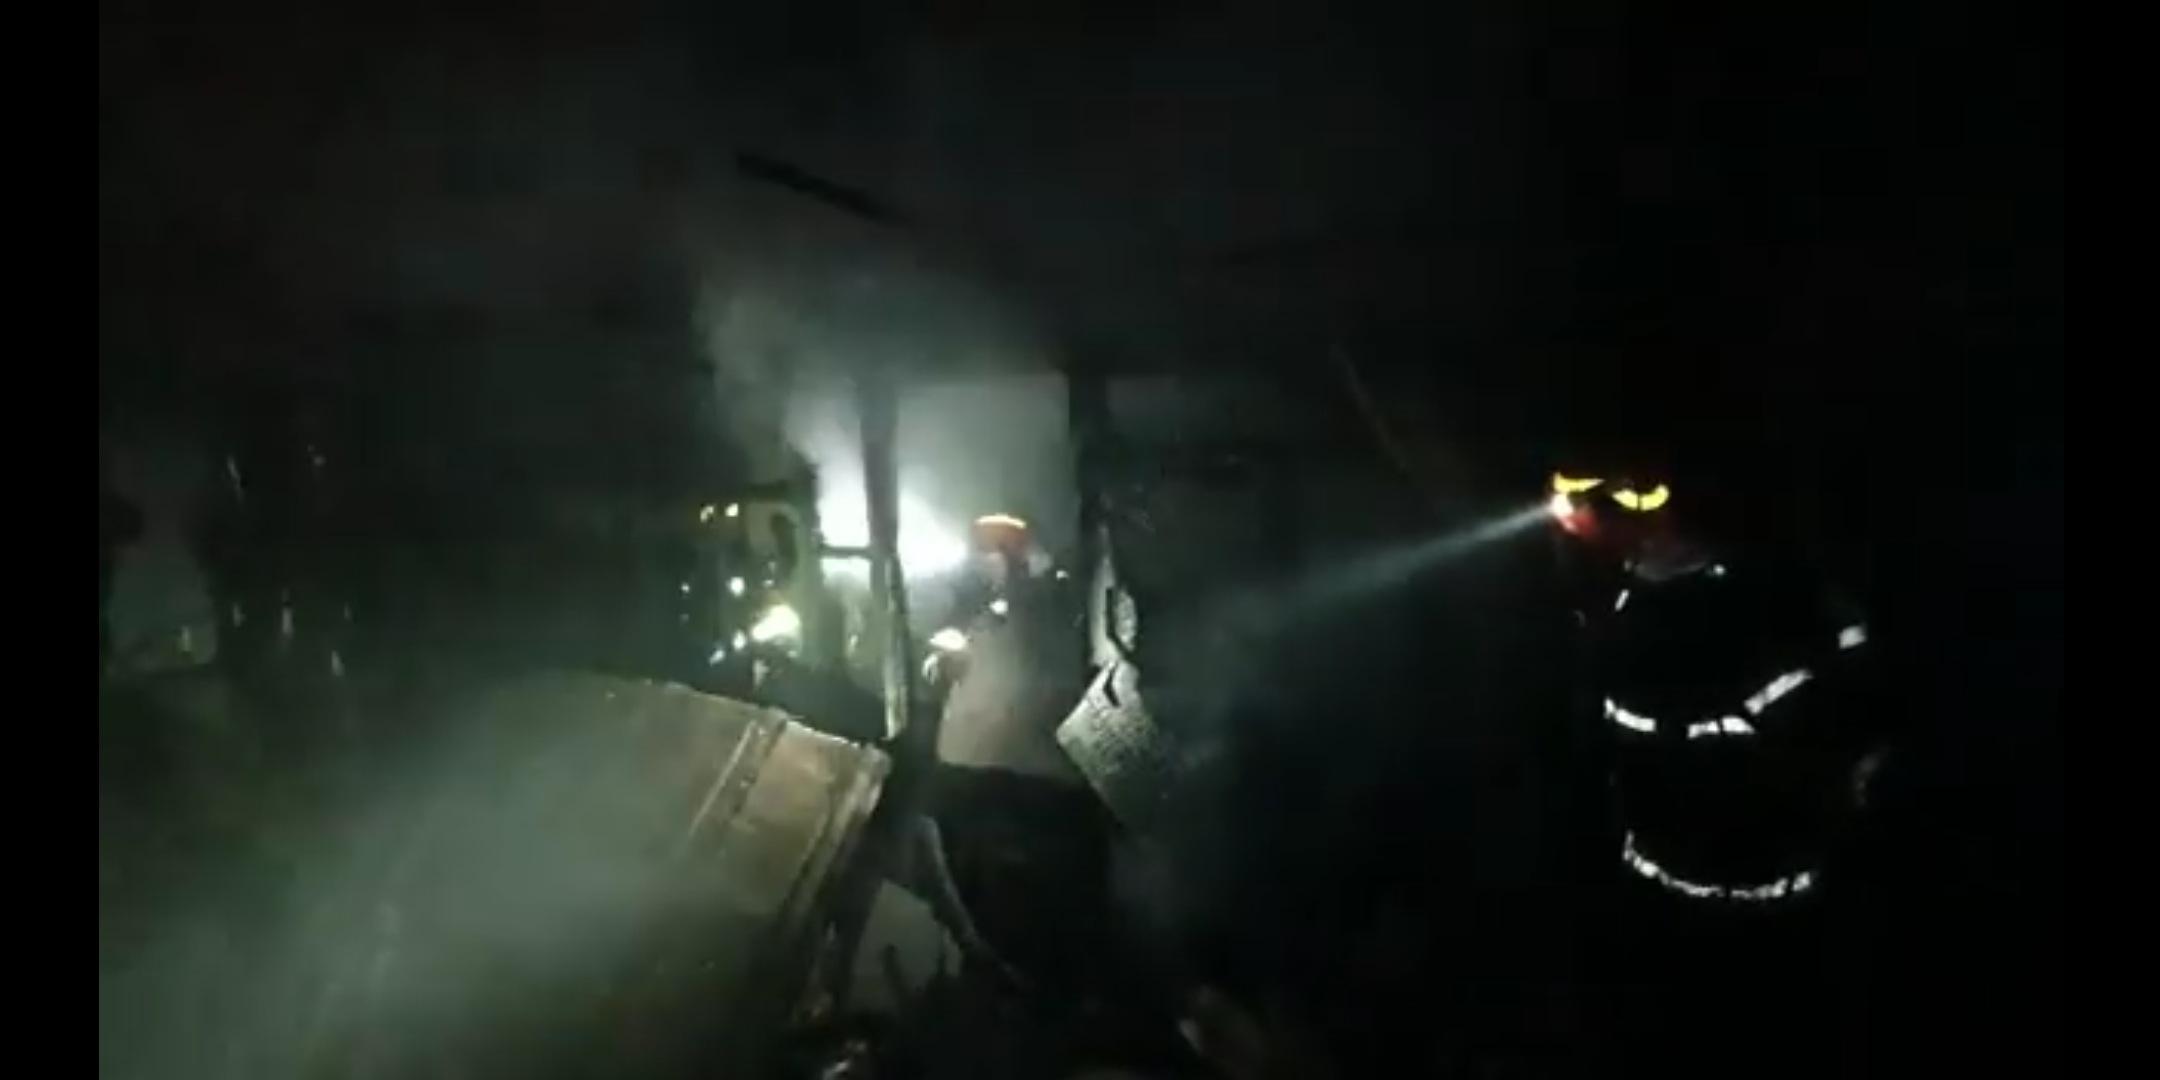 Video | Tată și fiu găsiți morți de pompieri în timpul unei intervenții pentru stingerea unui incendiu, la Timișoara